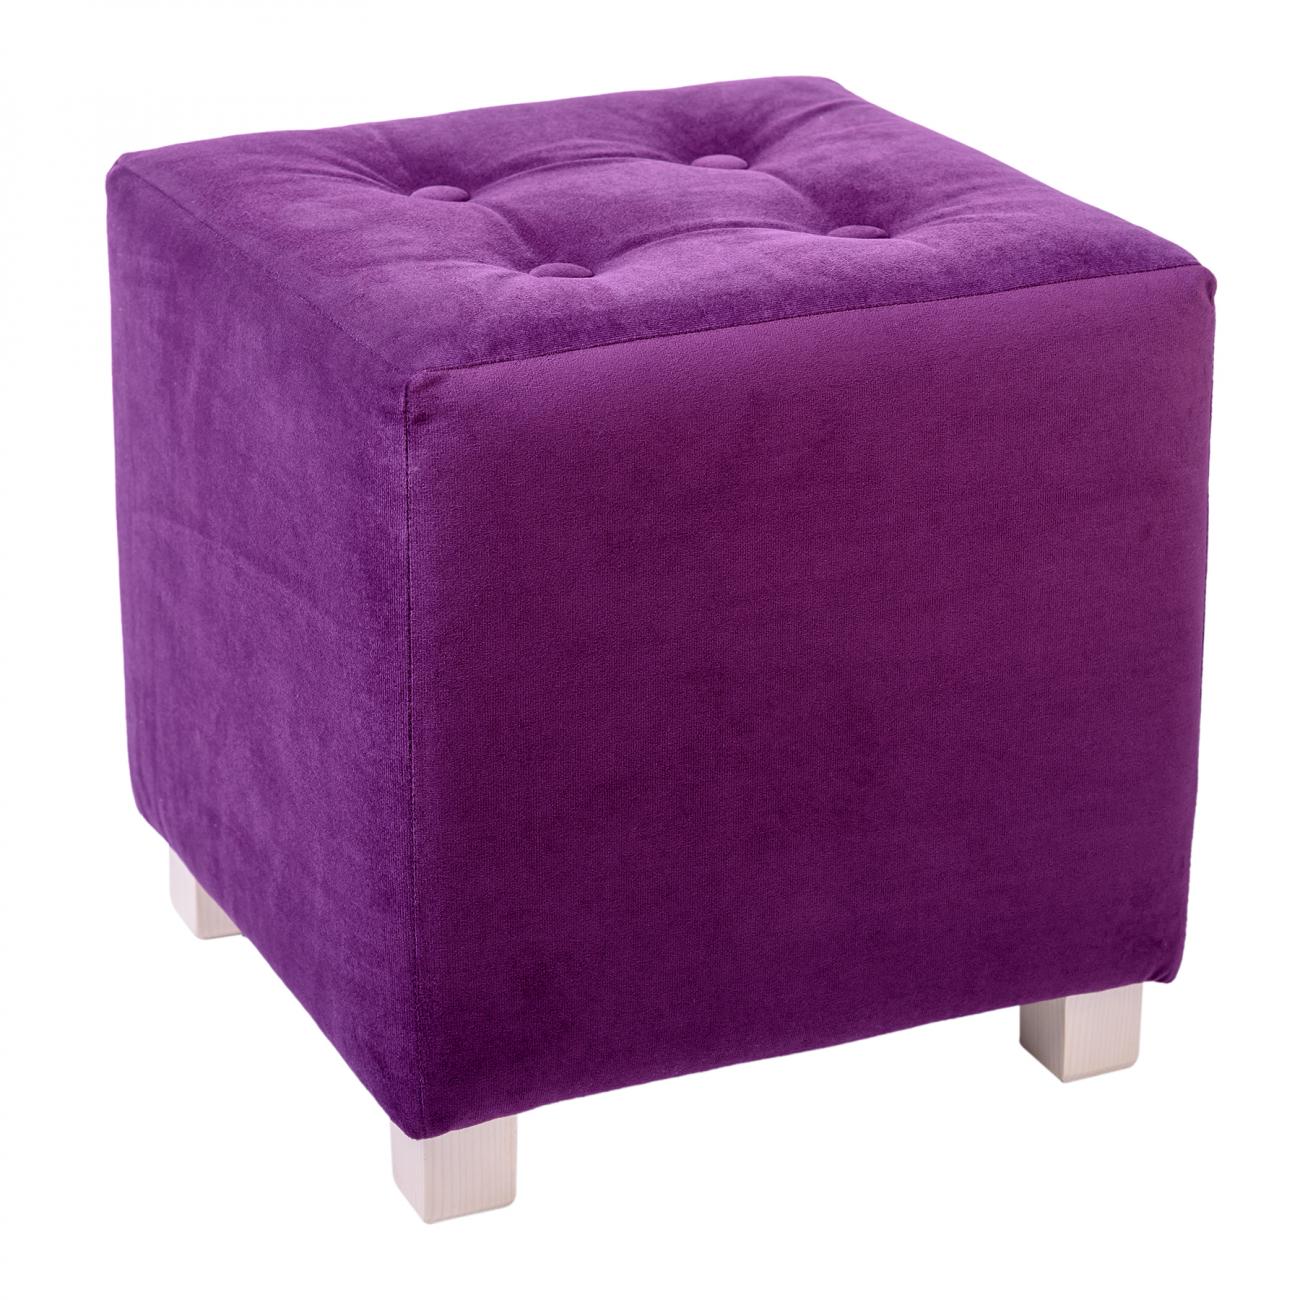 Купить Пуф WOODEN Квадратный Лиловый в интернет магазине дизайнерской мебели и аксессуаров для дома и дачи